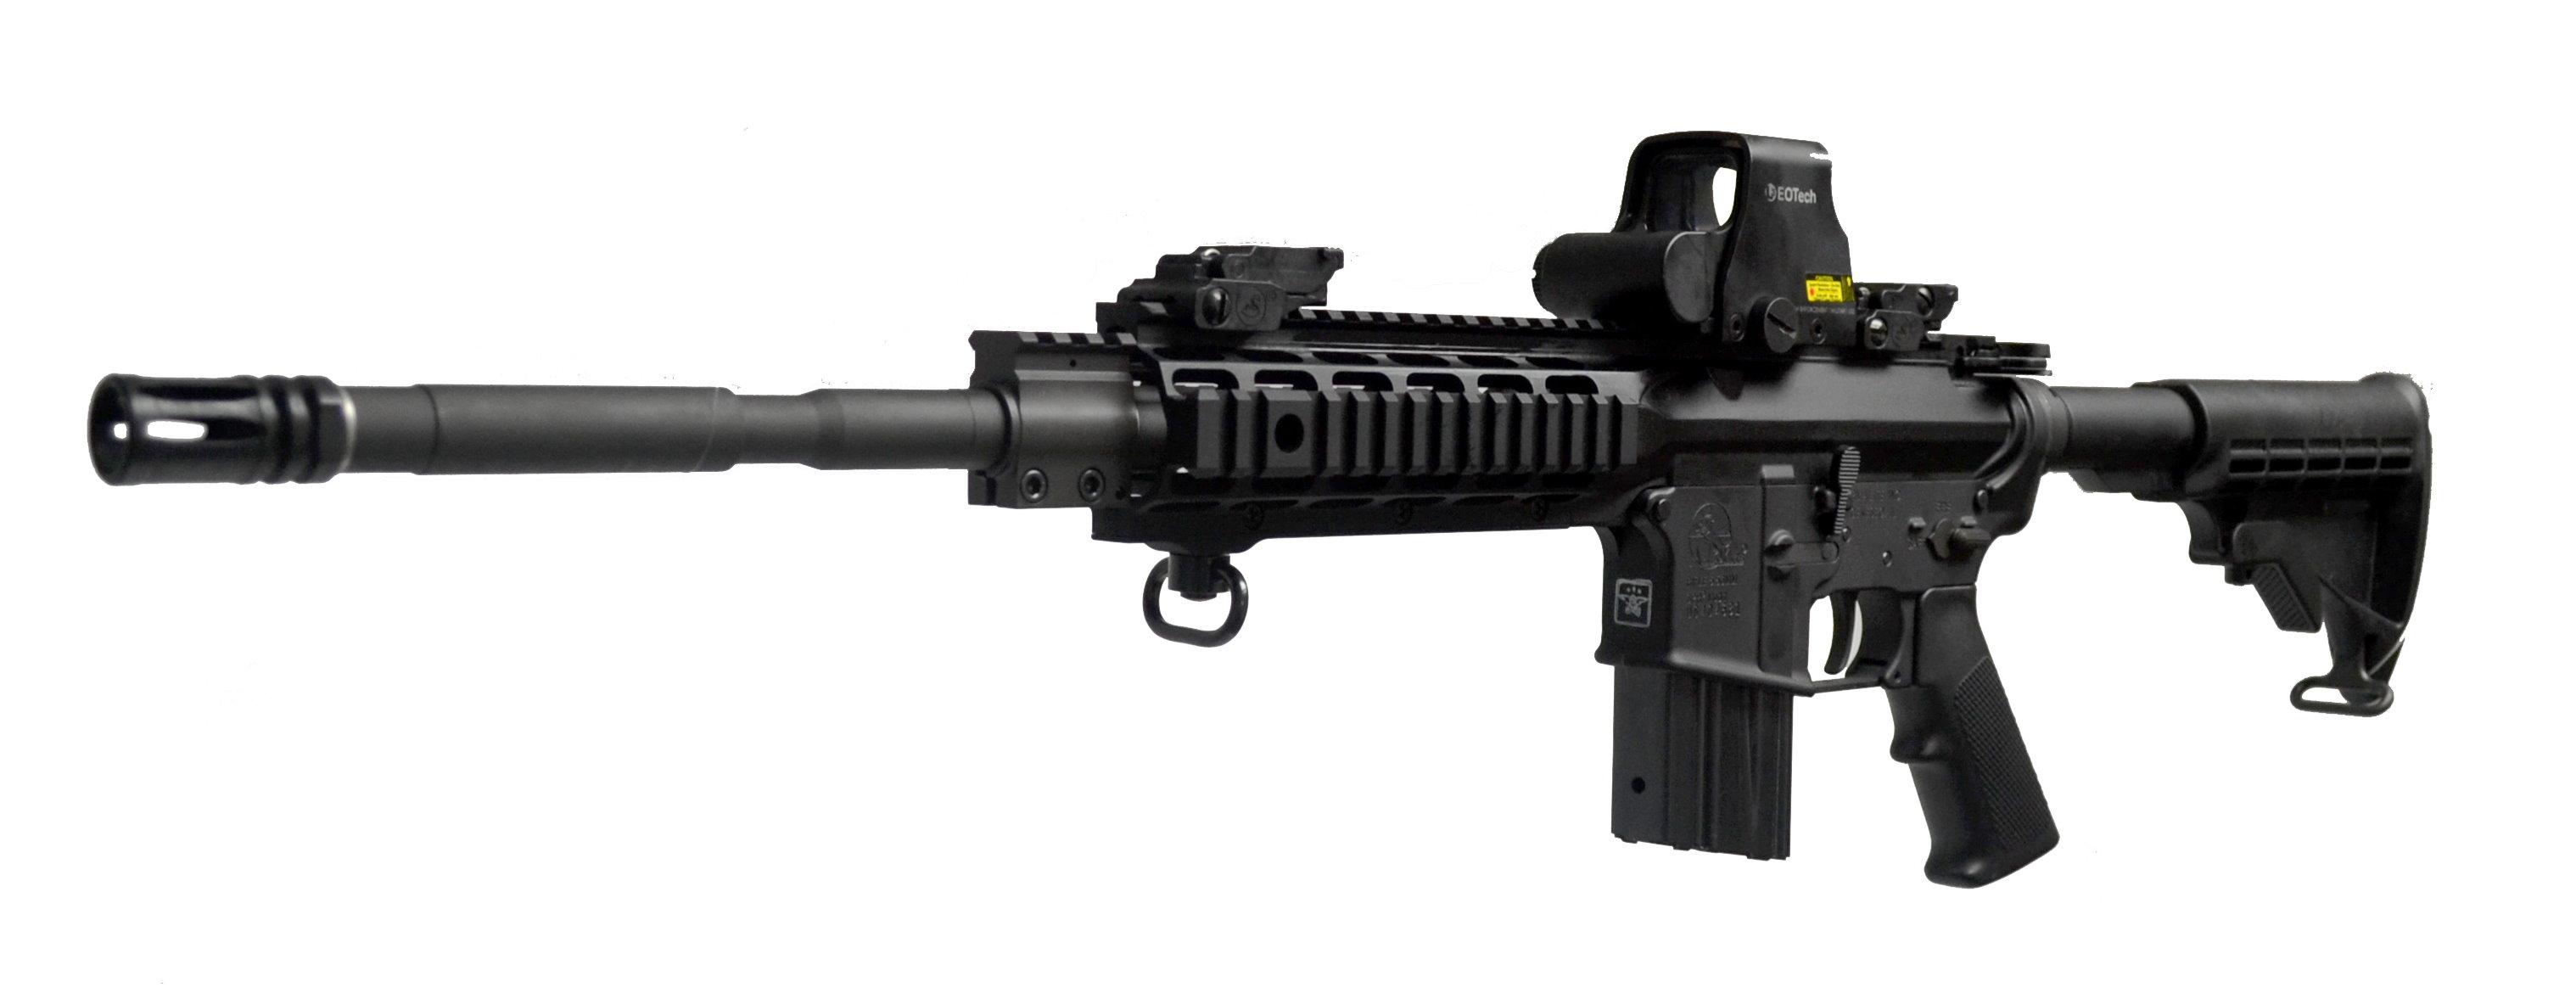 Armalite California Compliant SPR Mod-1 – New Gun Review